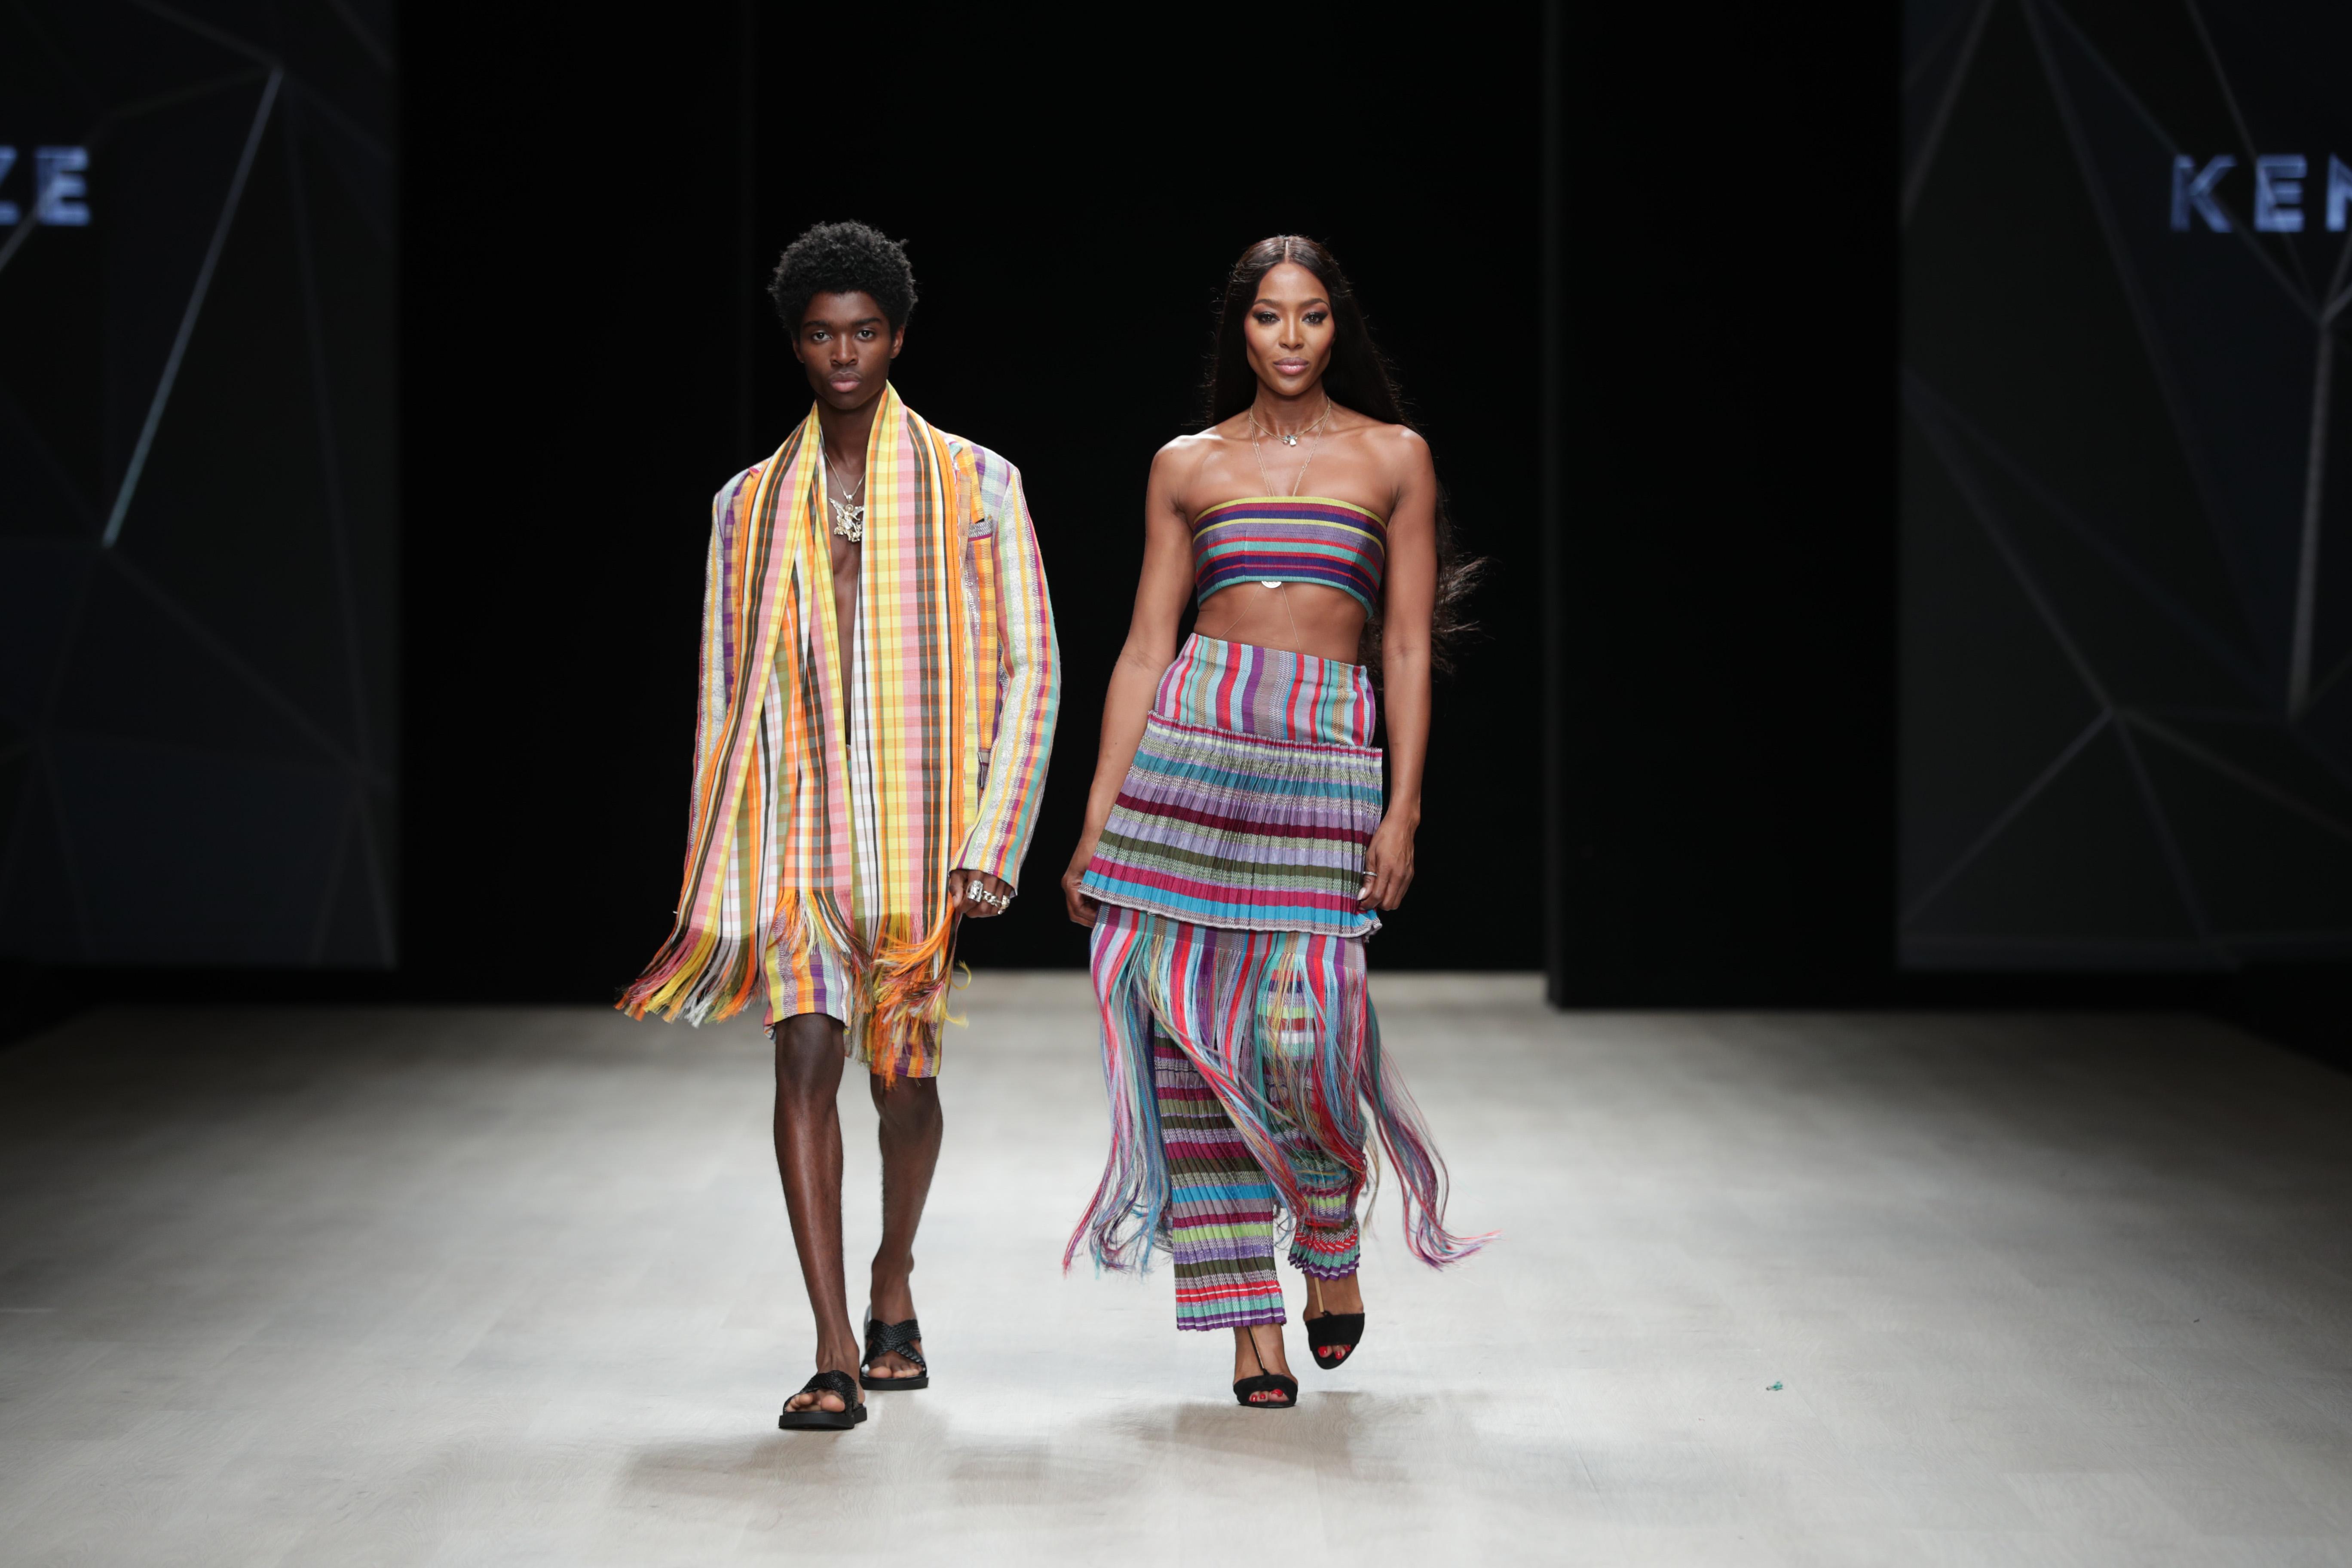 ARISE Fashion Week 2019 – Runway Day 2: Kenneth Ize